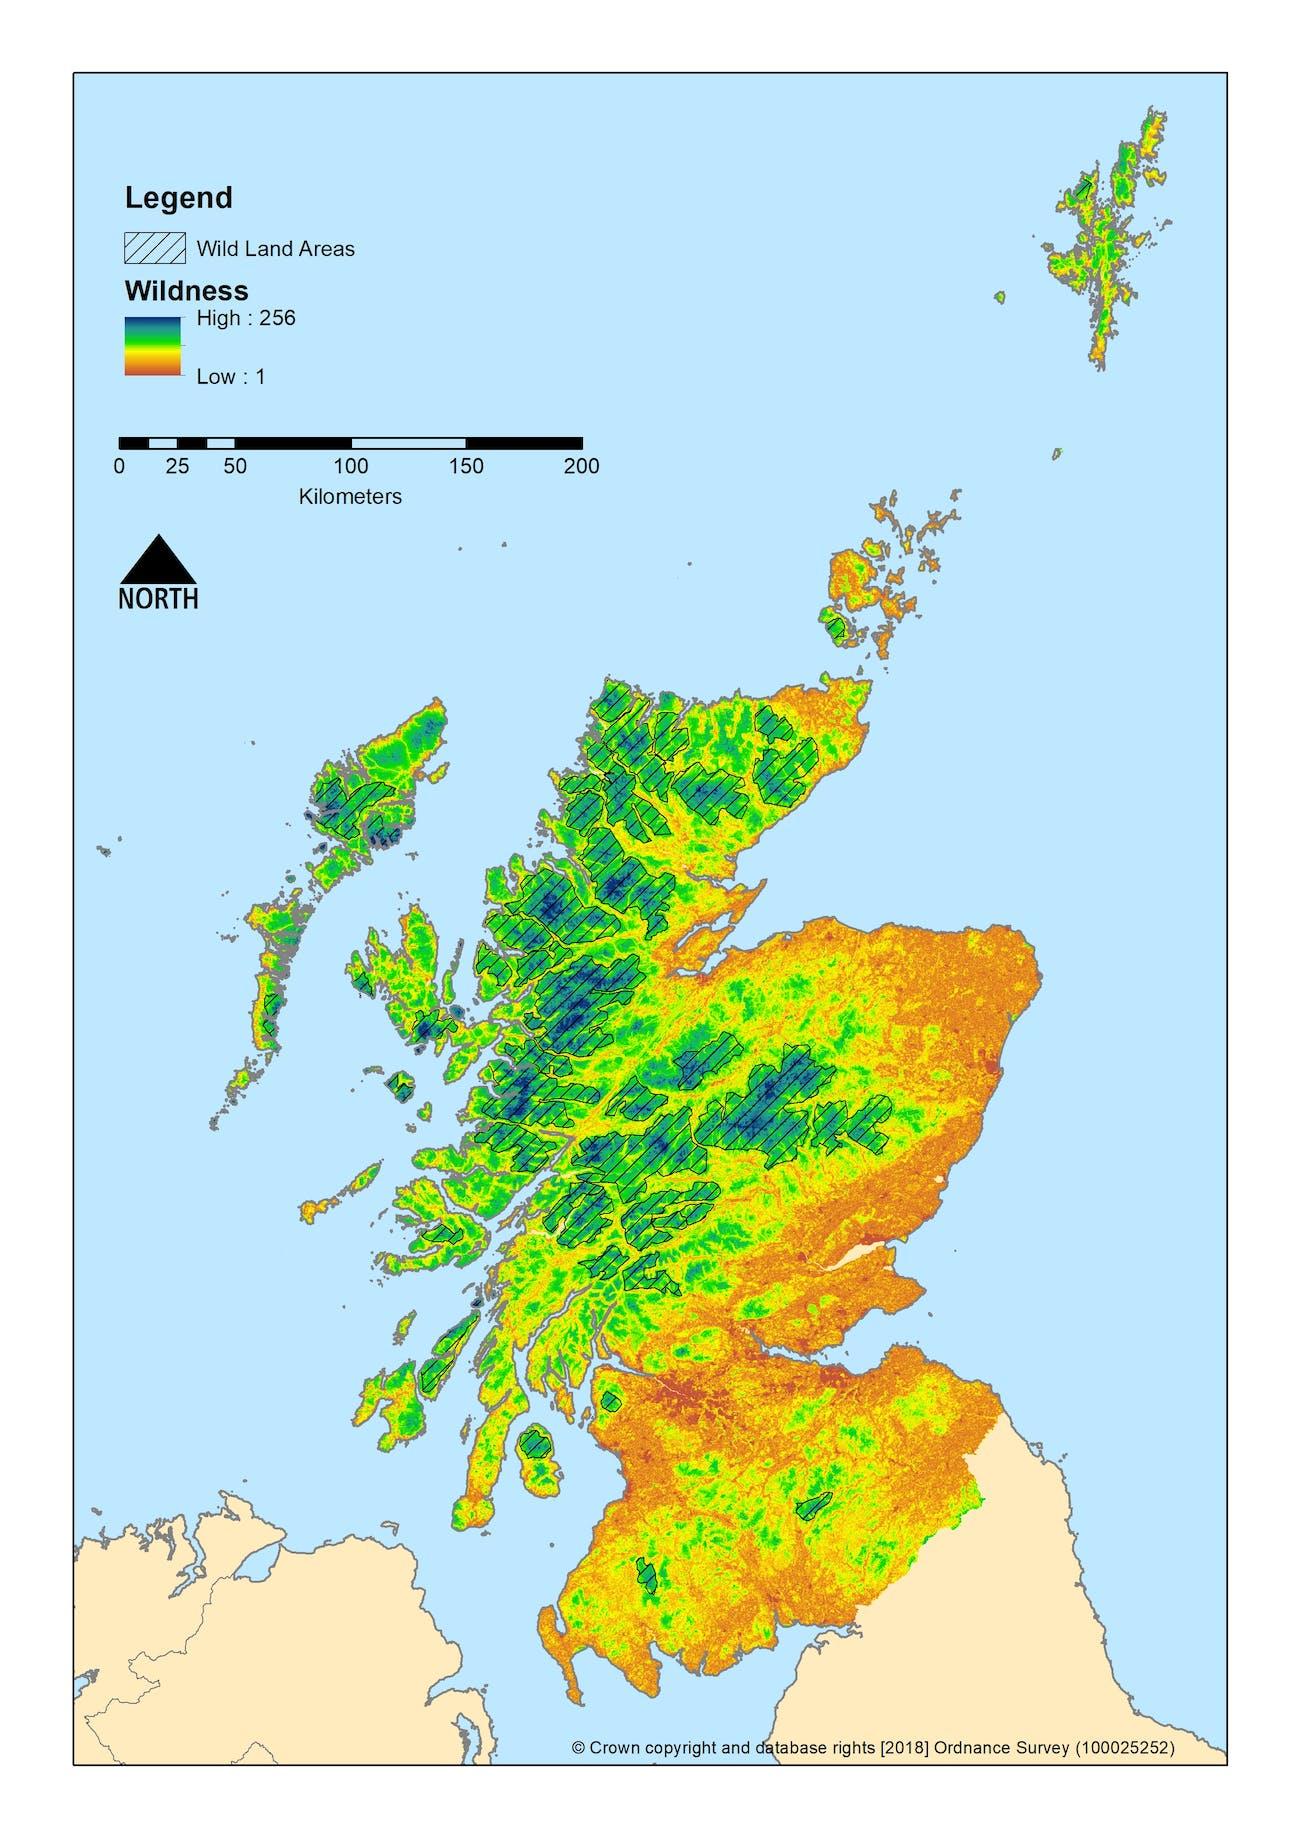 Scotland's wilderness.